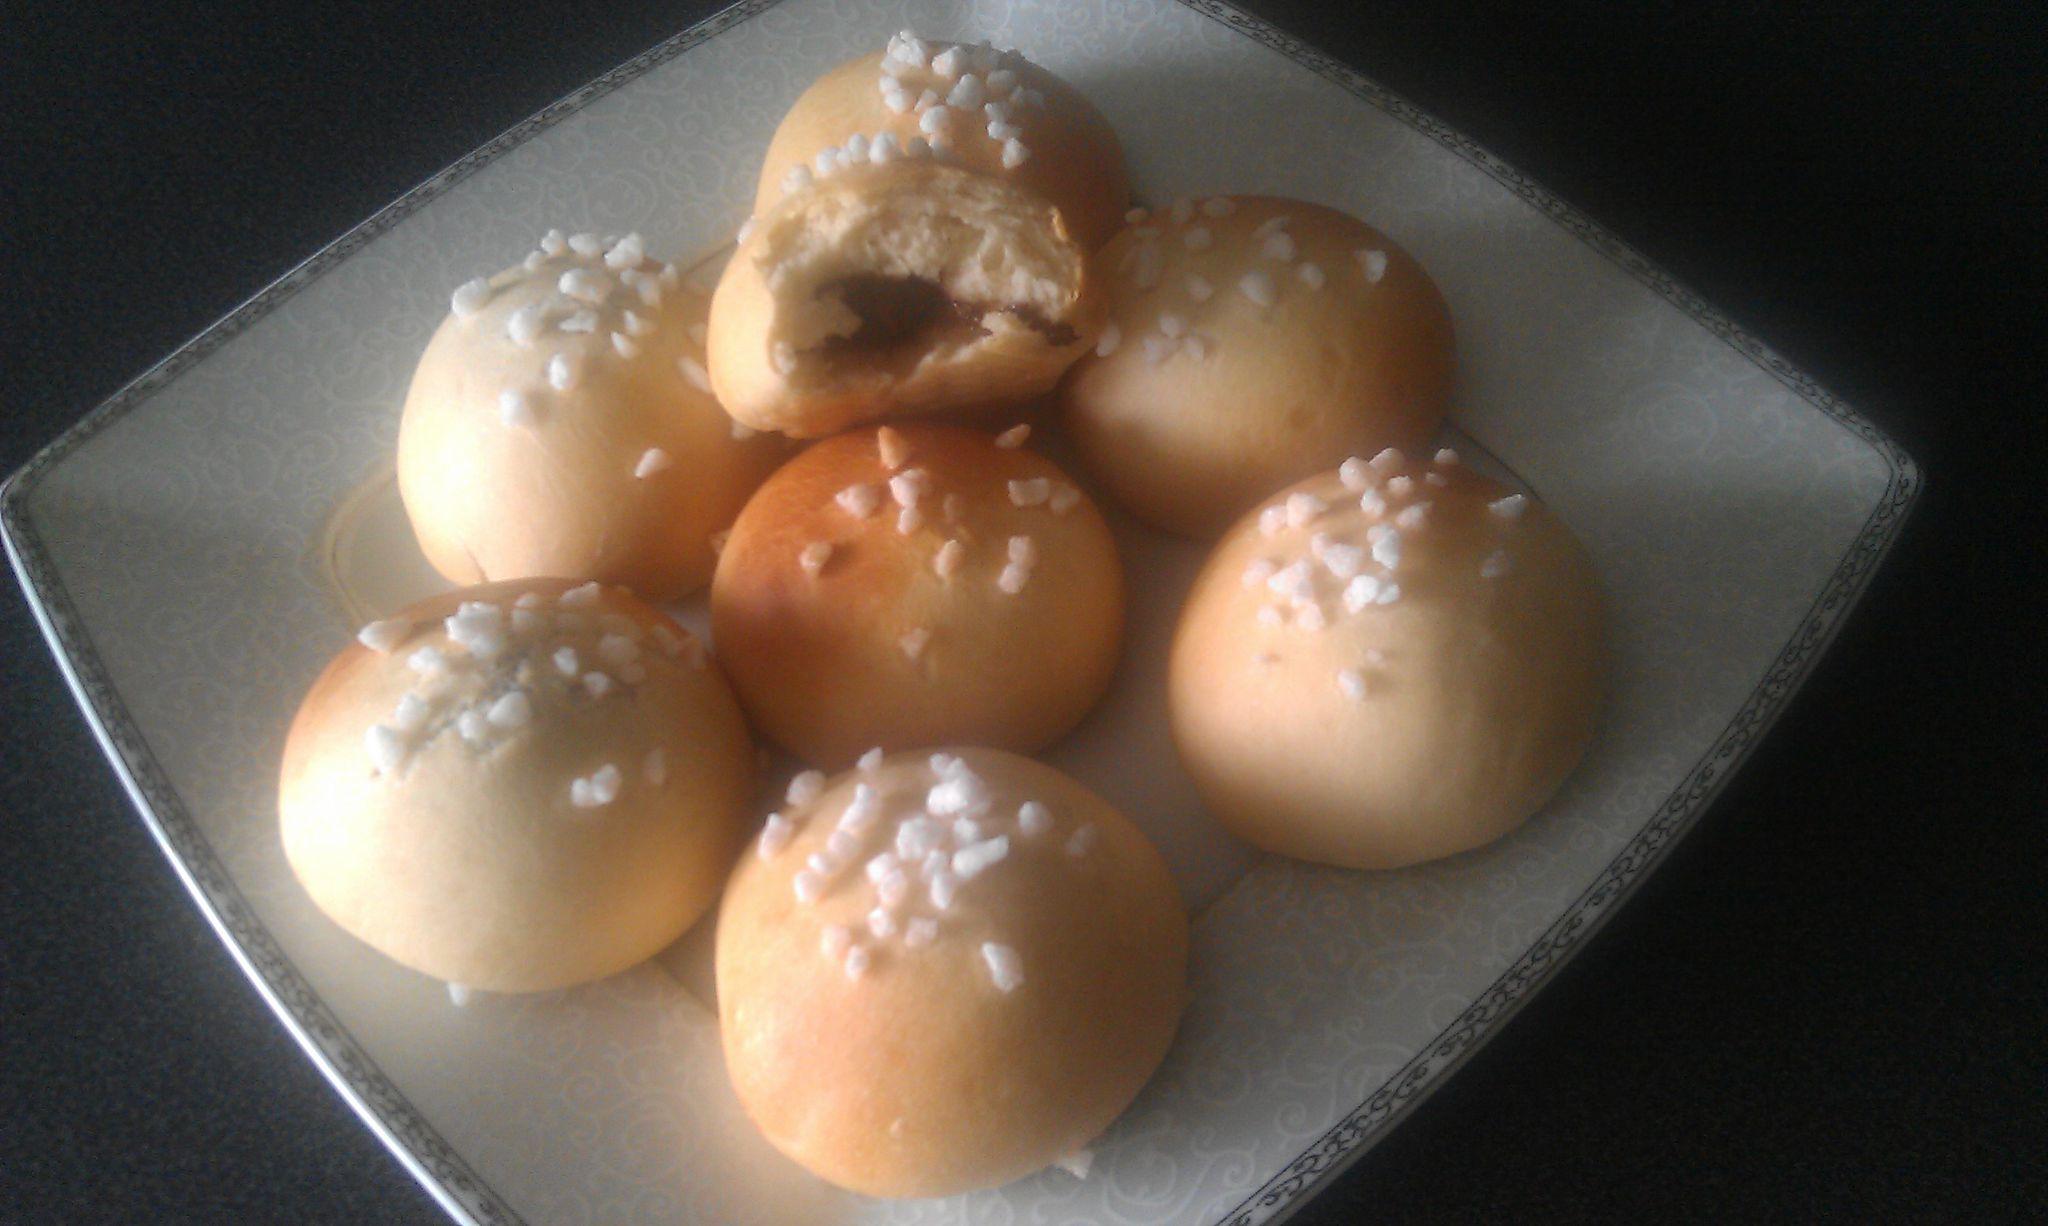 briochettes au elben (lait fermenté) fourrées au nutella